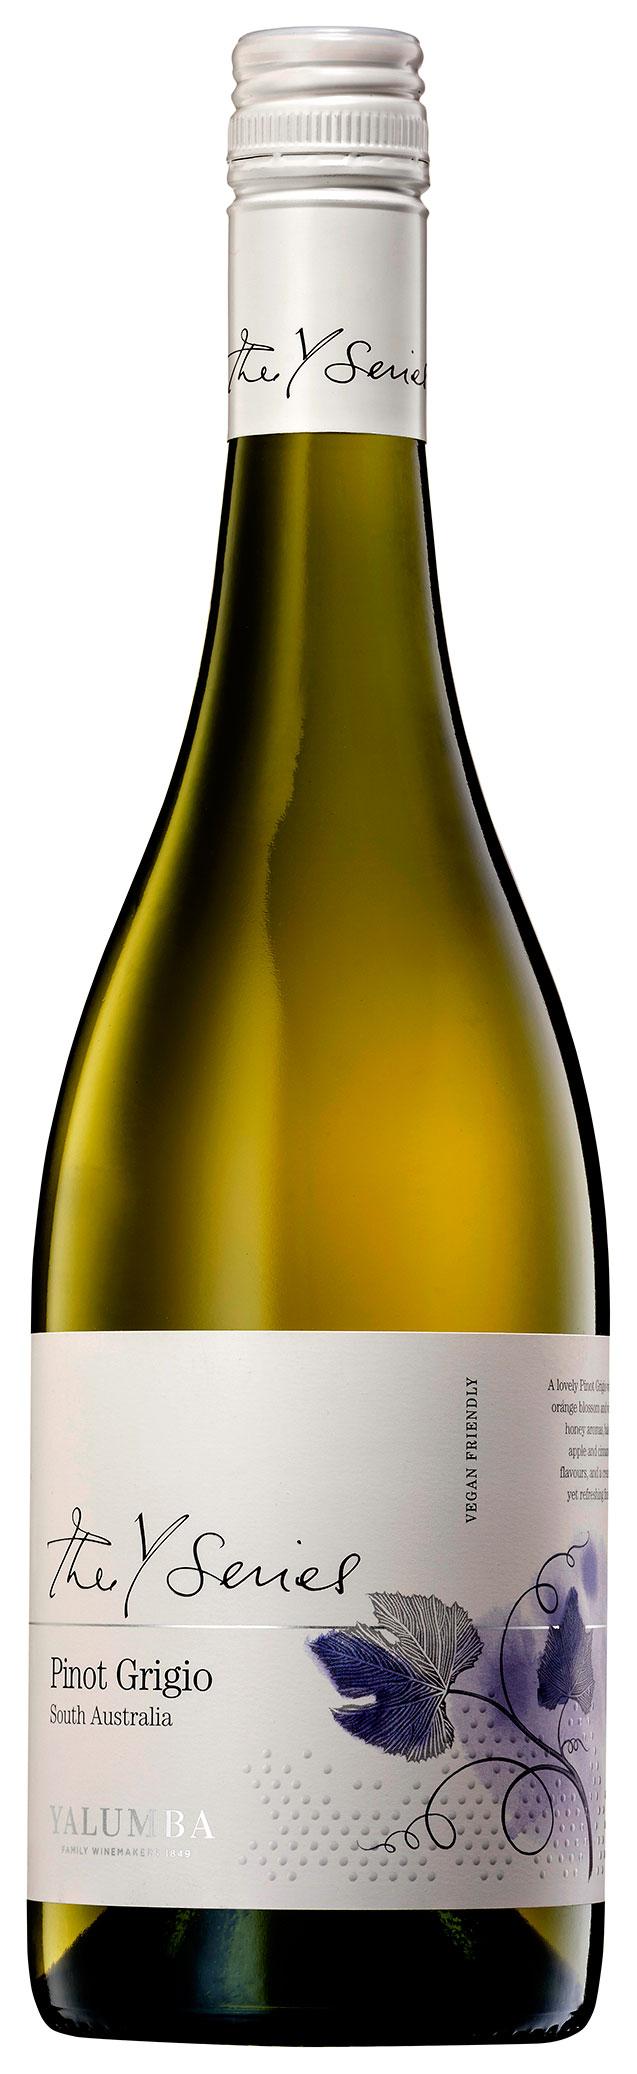 https://vinocorpperu.com/images/vinos/yalumba/y_series_pinot_grigio_2019.jpg